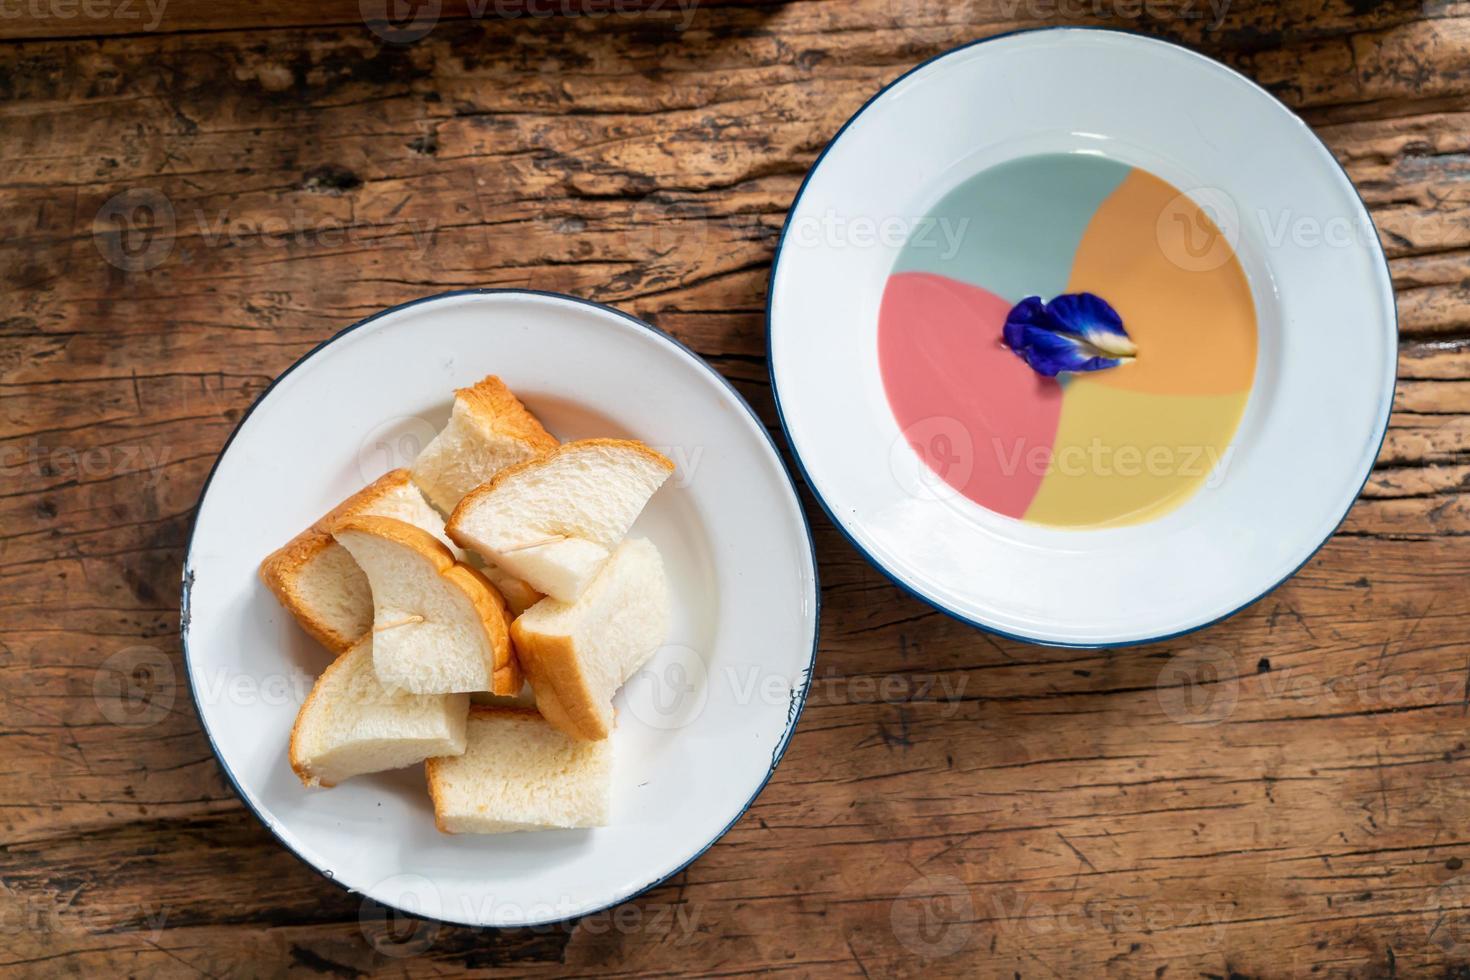 Pão torrado no vapor com creme colorido sobre fundo de madeira foto